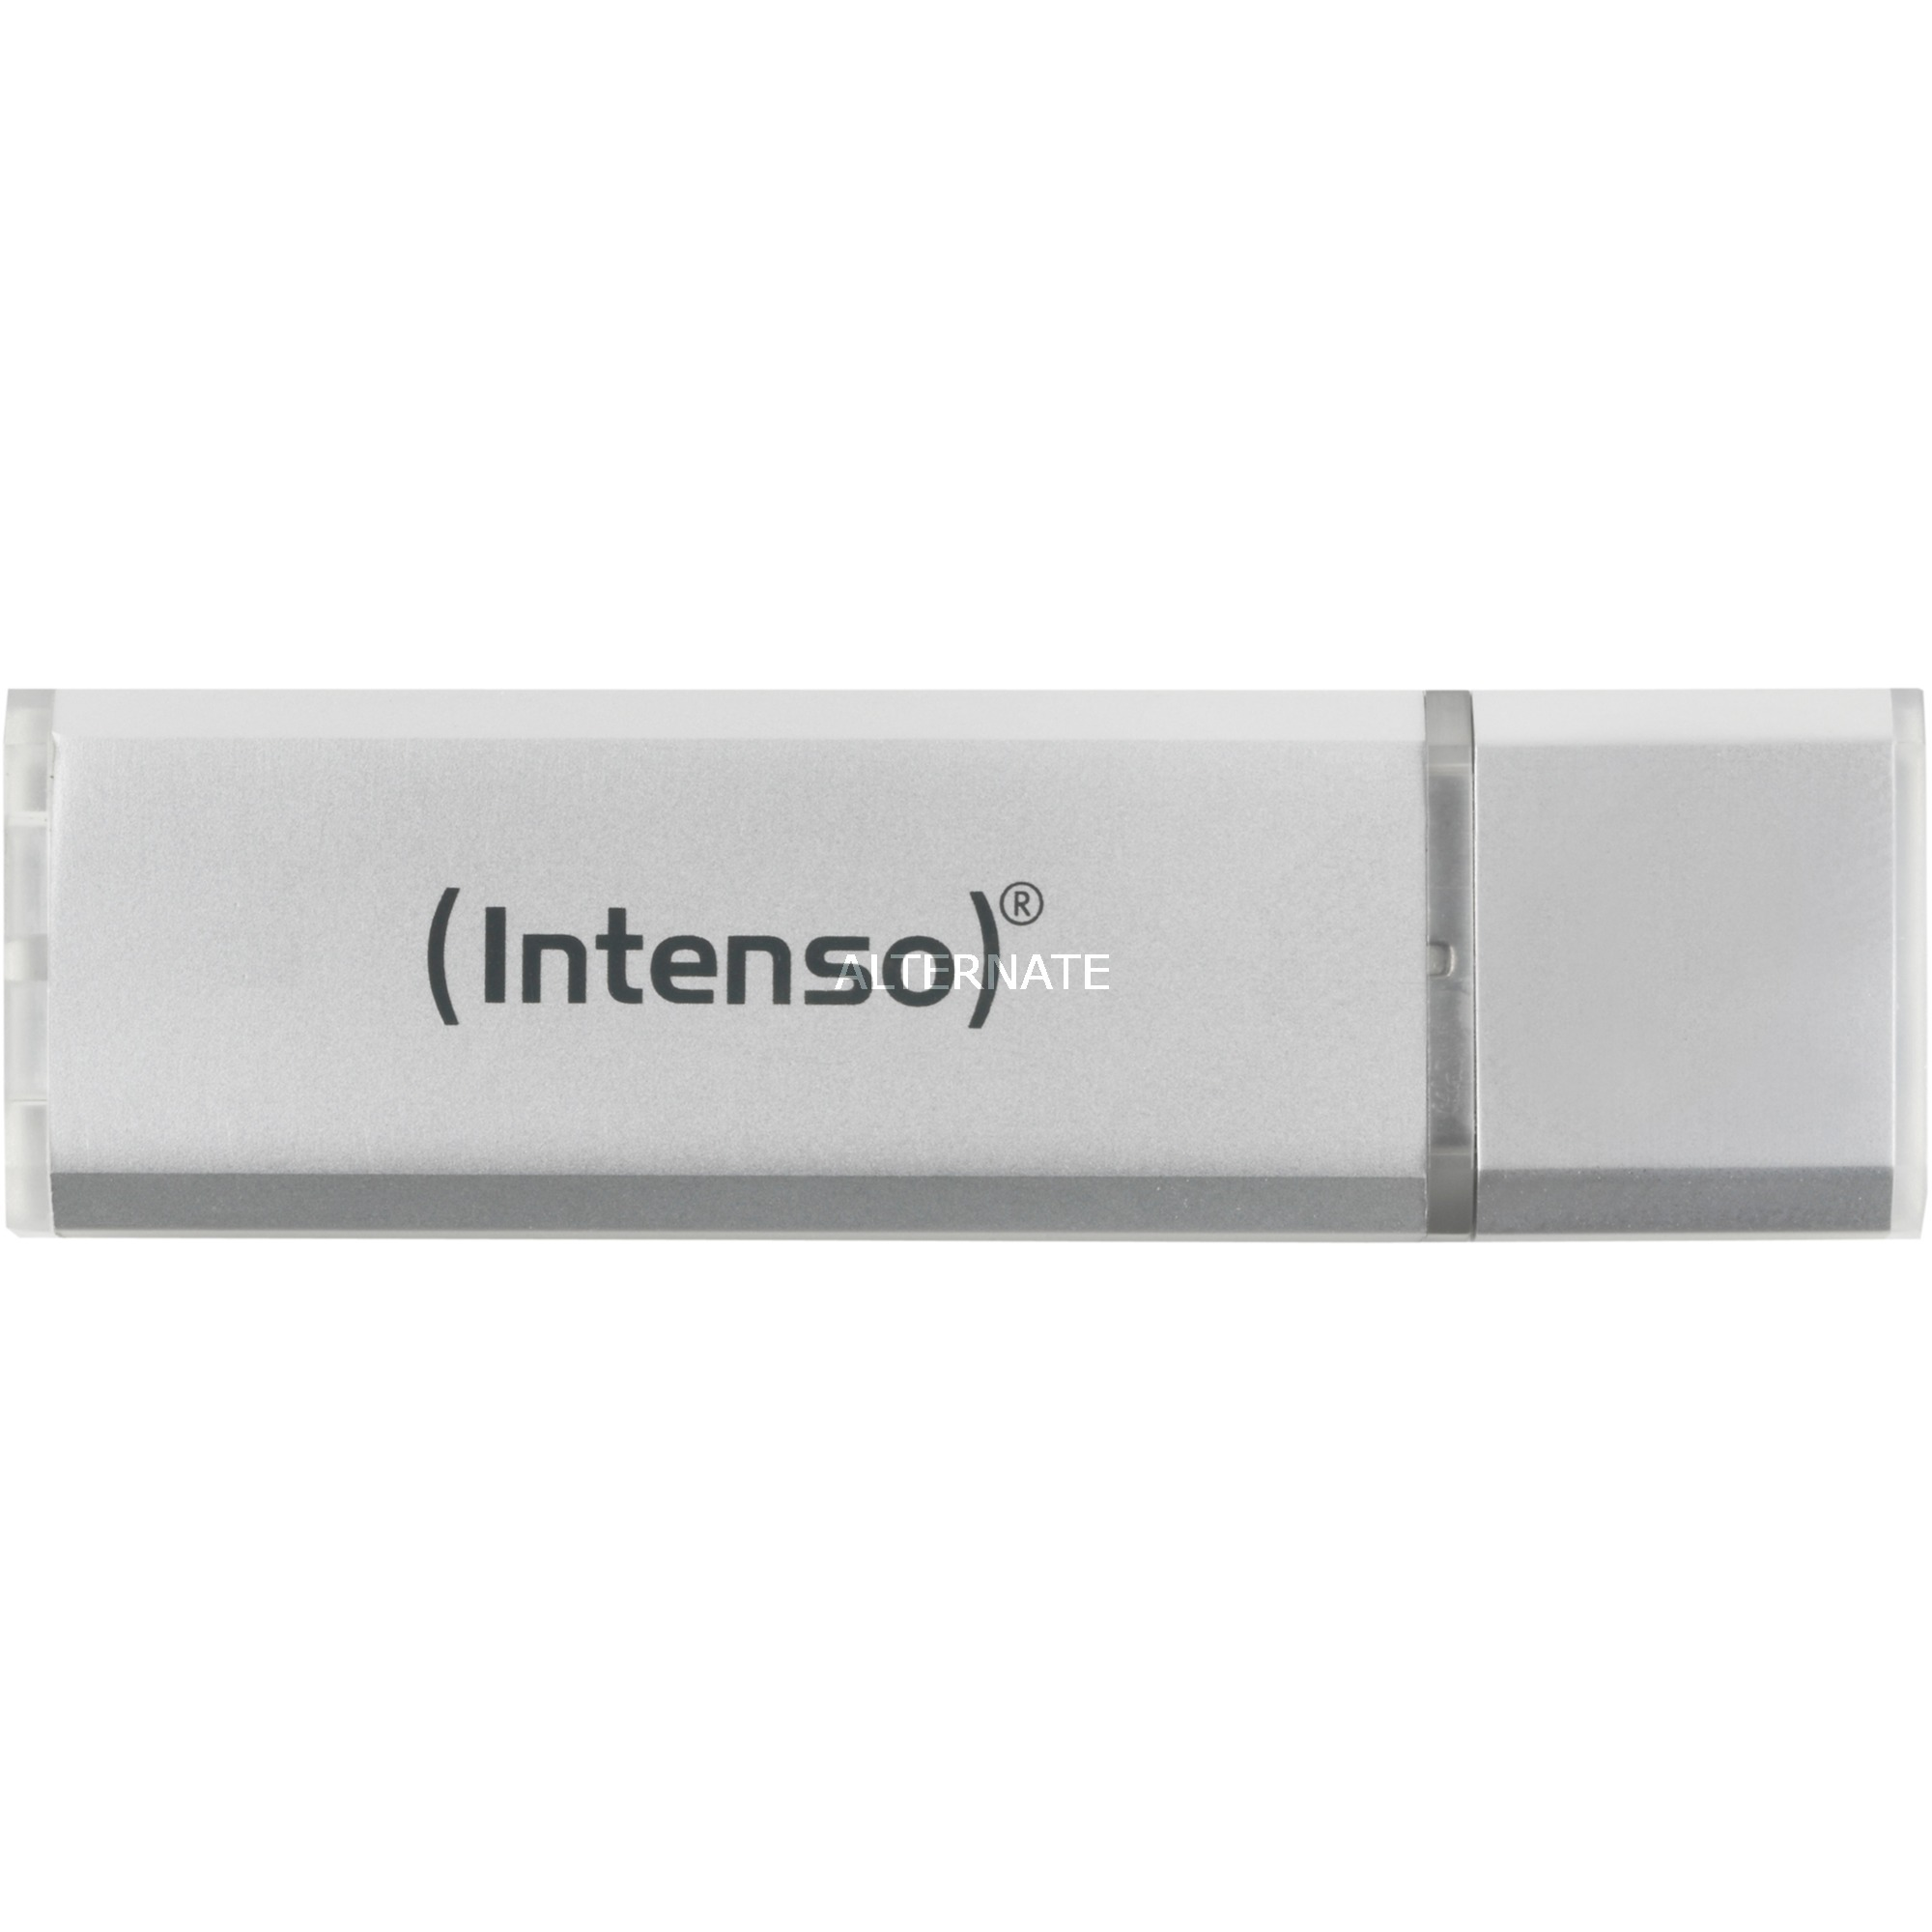 Alu Line USB 2.0, 4 GB 4Go USB 2.0 Type A Argent lecteur USB flash, Clé USB